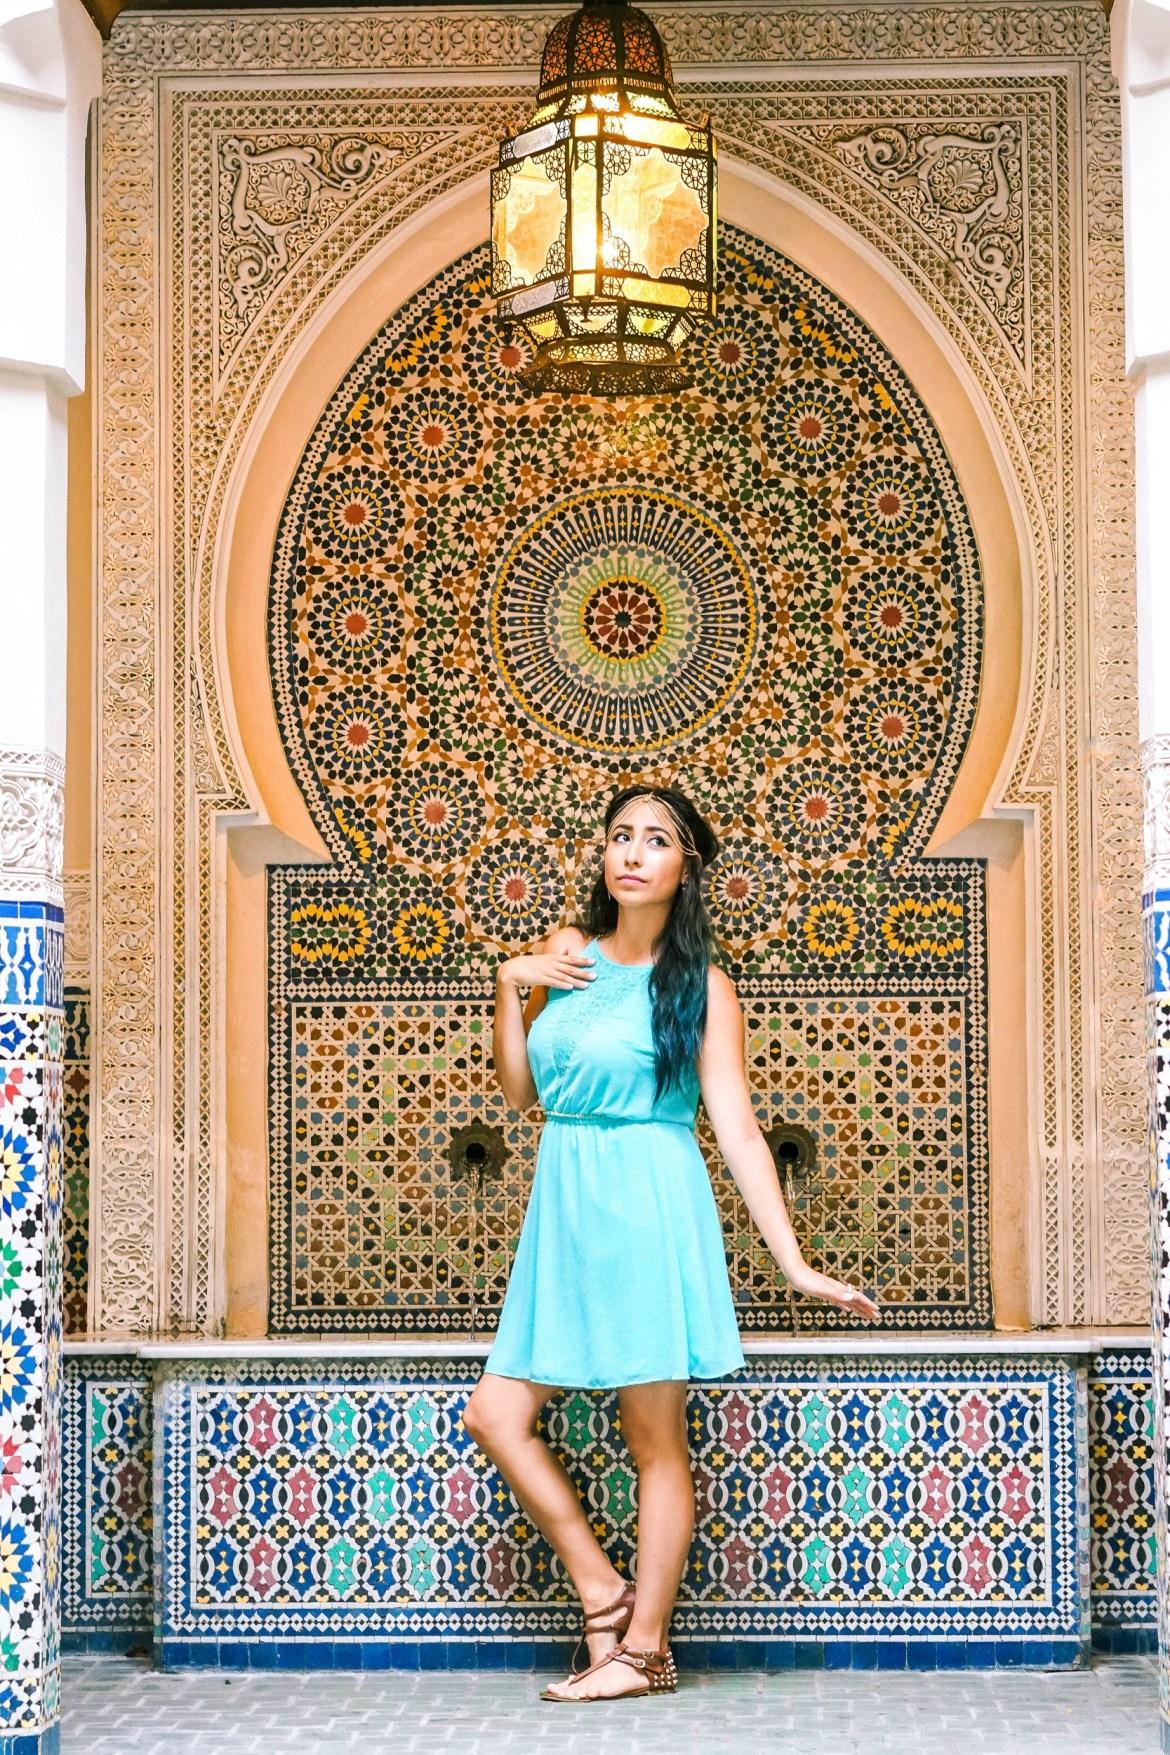 Woman DisneyBounding as Jasmine